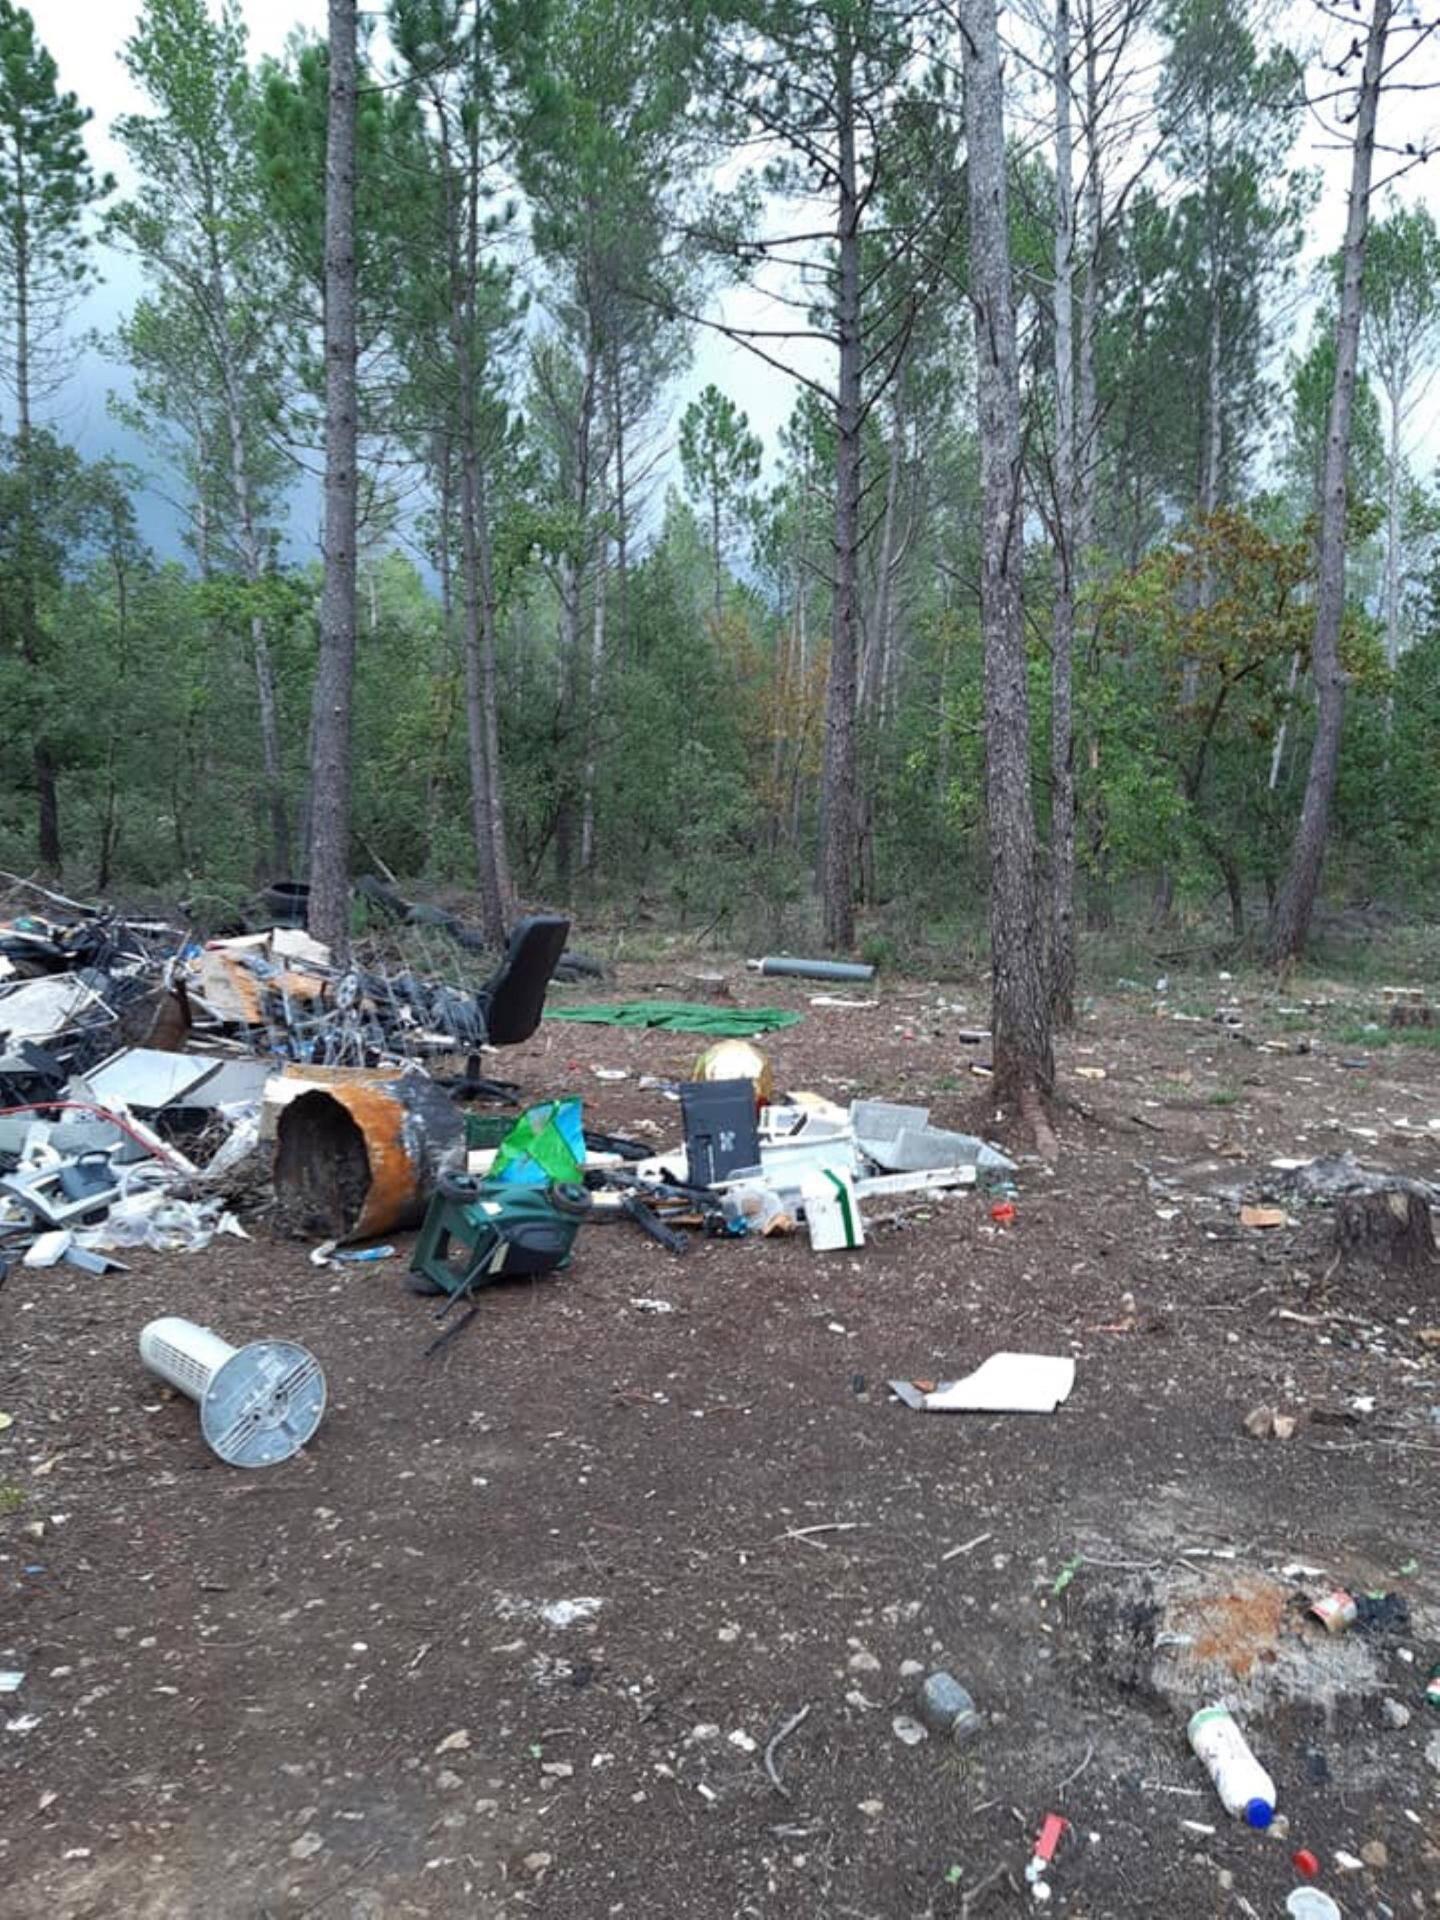 Tondeuses, frigos, machines à laver ont été éventrées puis abandonnés sur place.